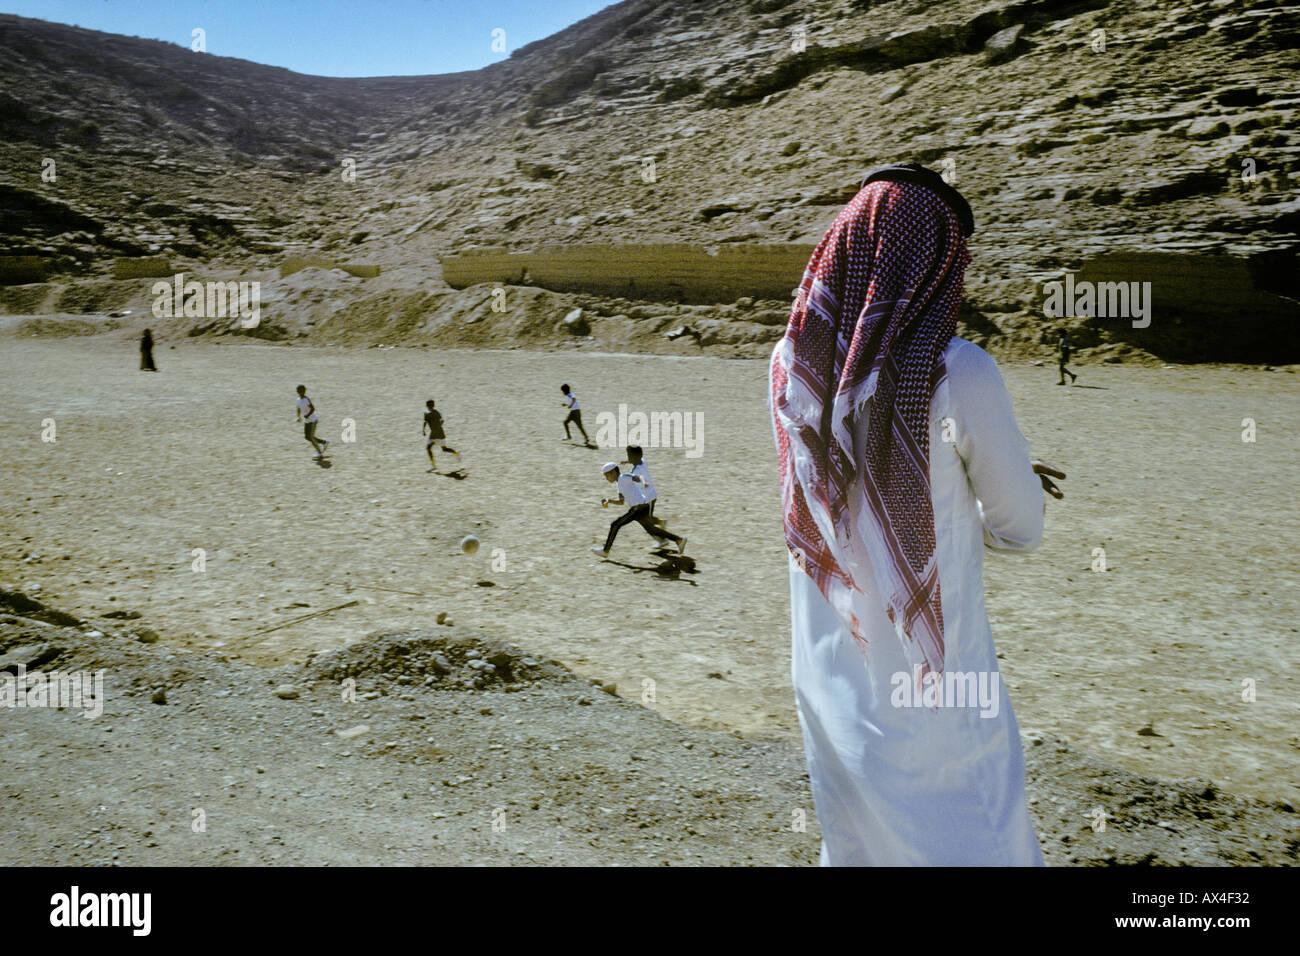 Le football sur un terrain désertique au bord d'un village de l'Arabie Banque D'Images